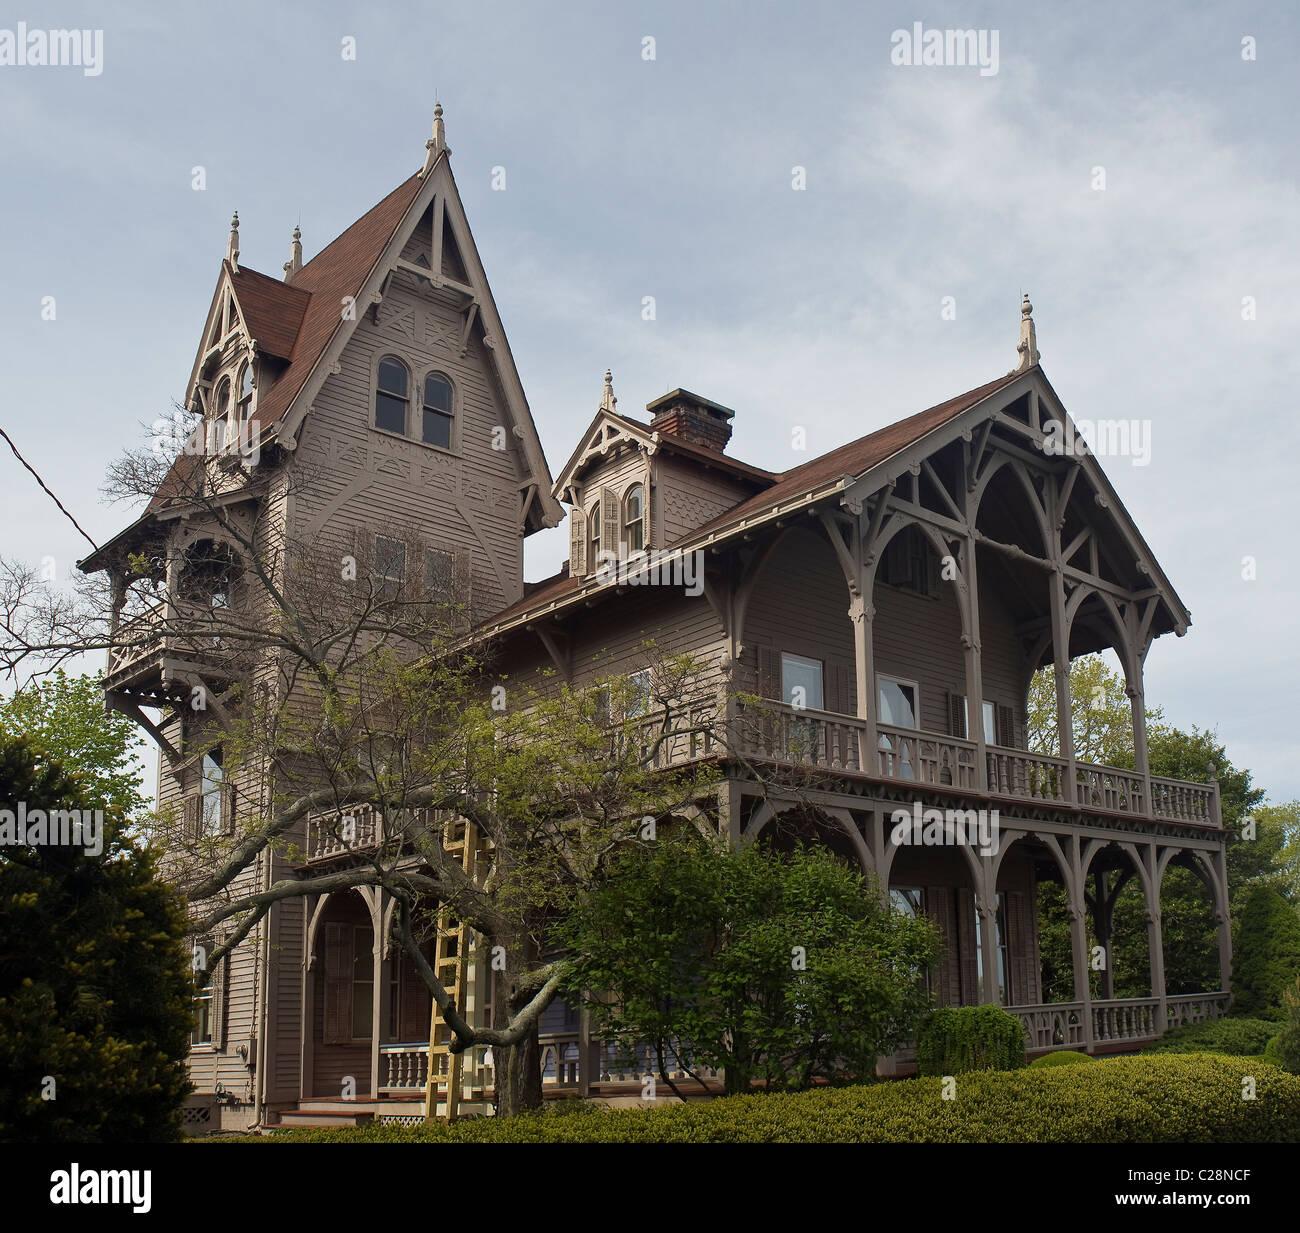 Alte gotische viktorianischen Haus in der Nähe der ...